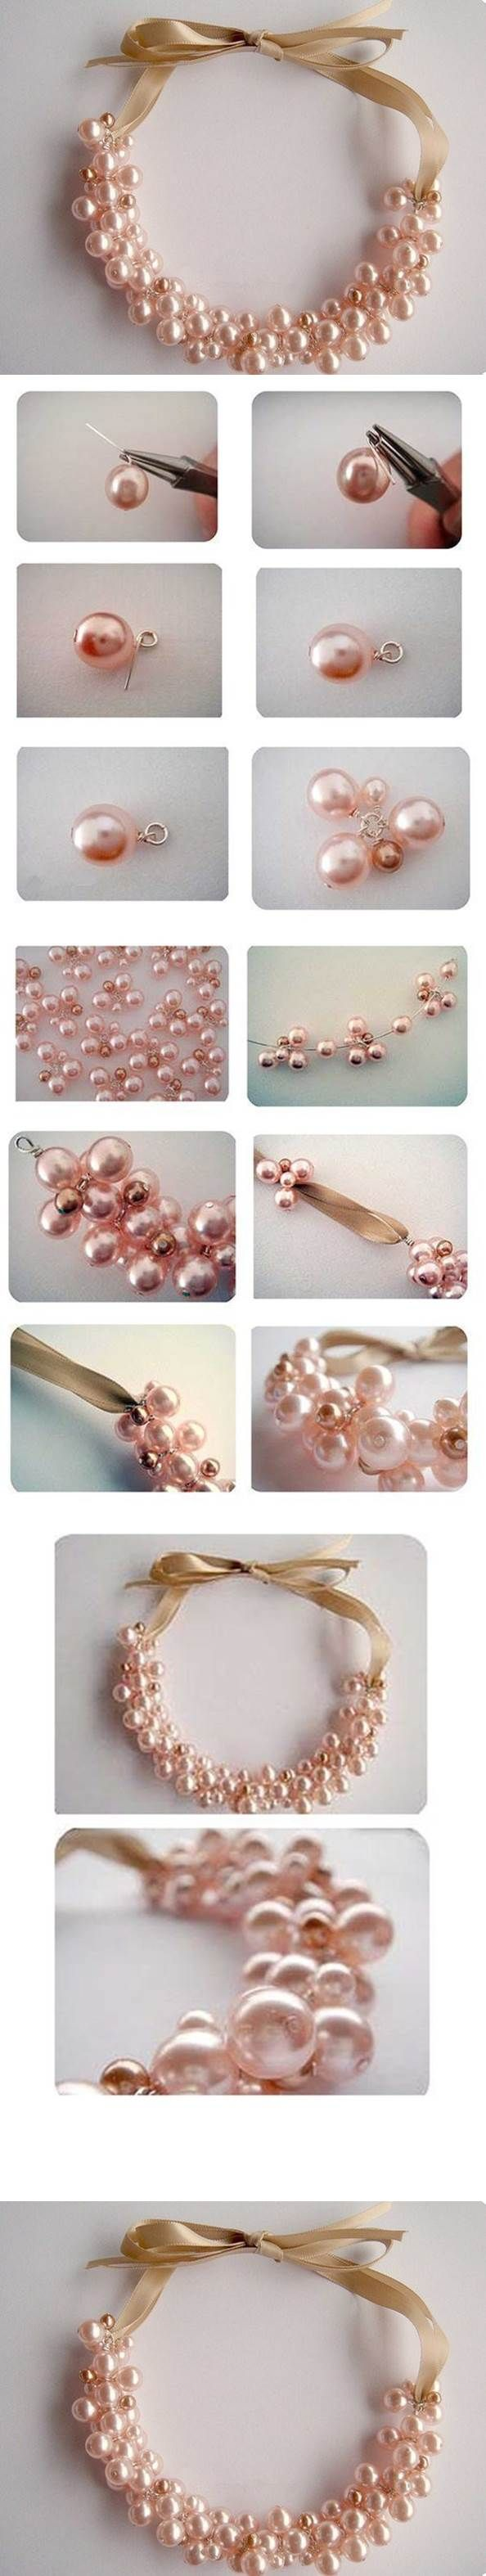 d2ce0d0dc0f6 DIY Elegant Pearl Cluster Necklace